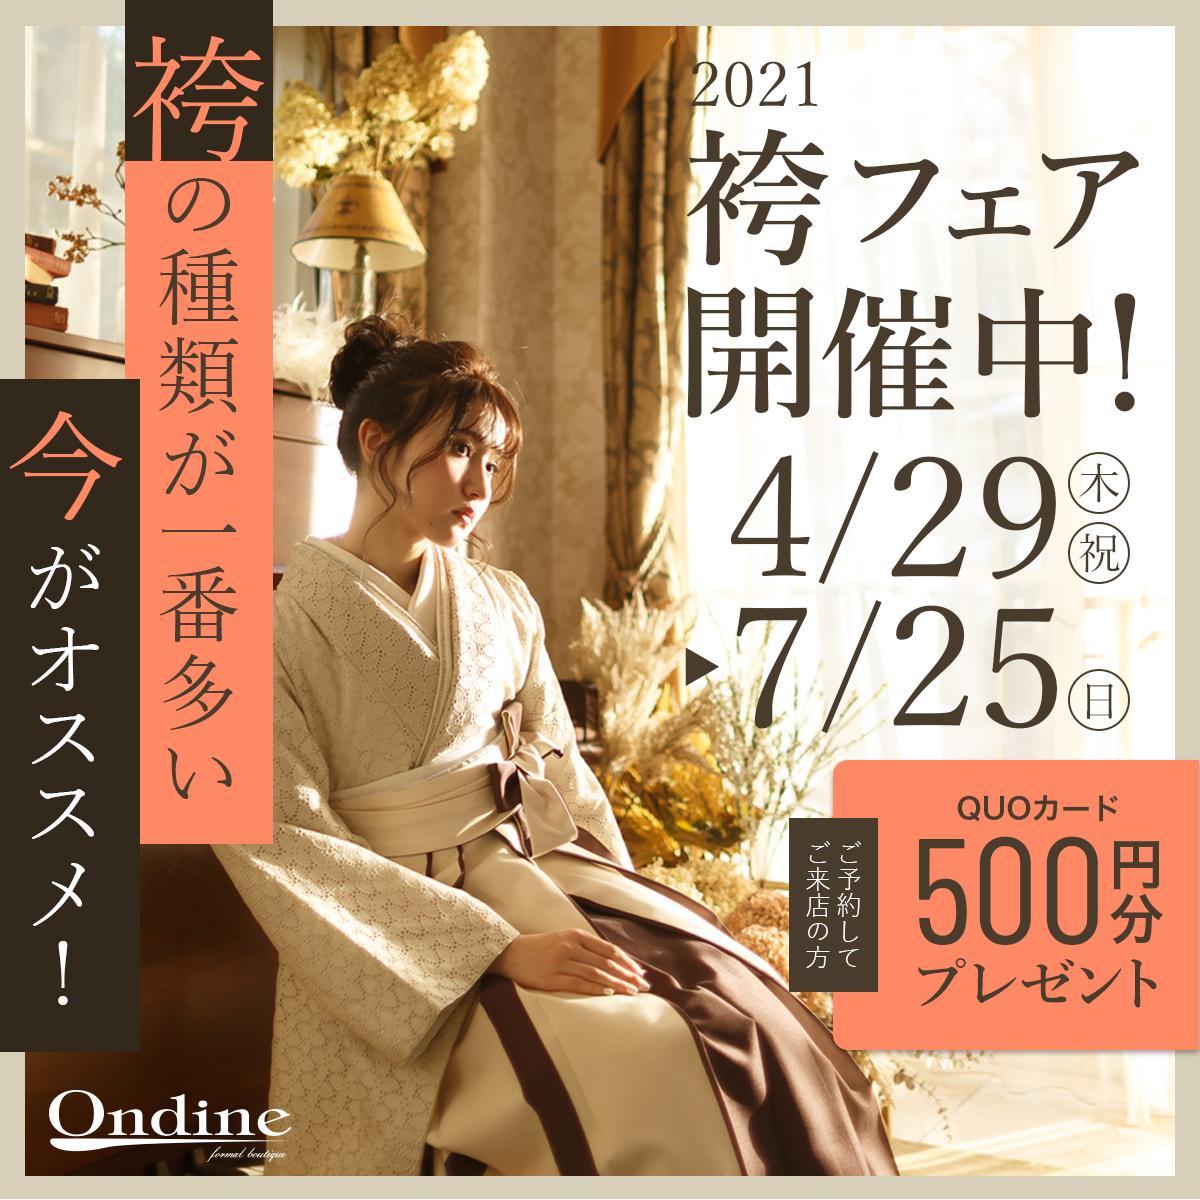 《5/6(木)~7/25(日)》水戸店袴フェア開催!